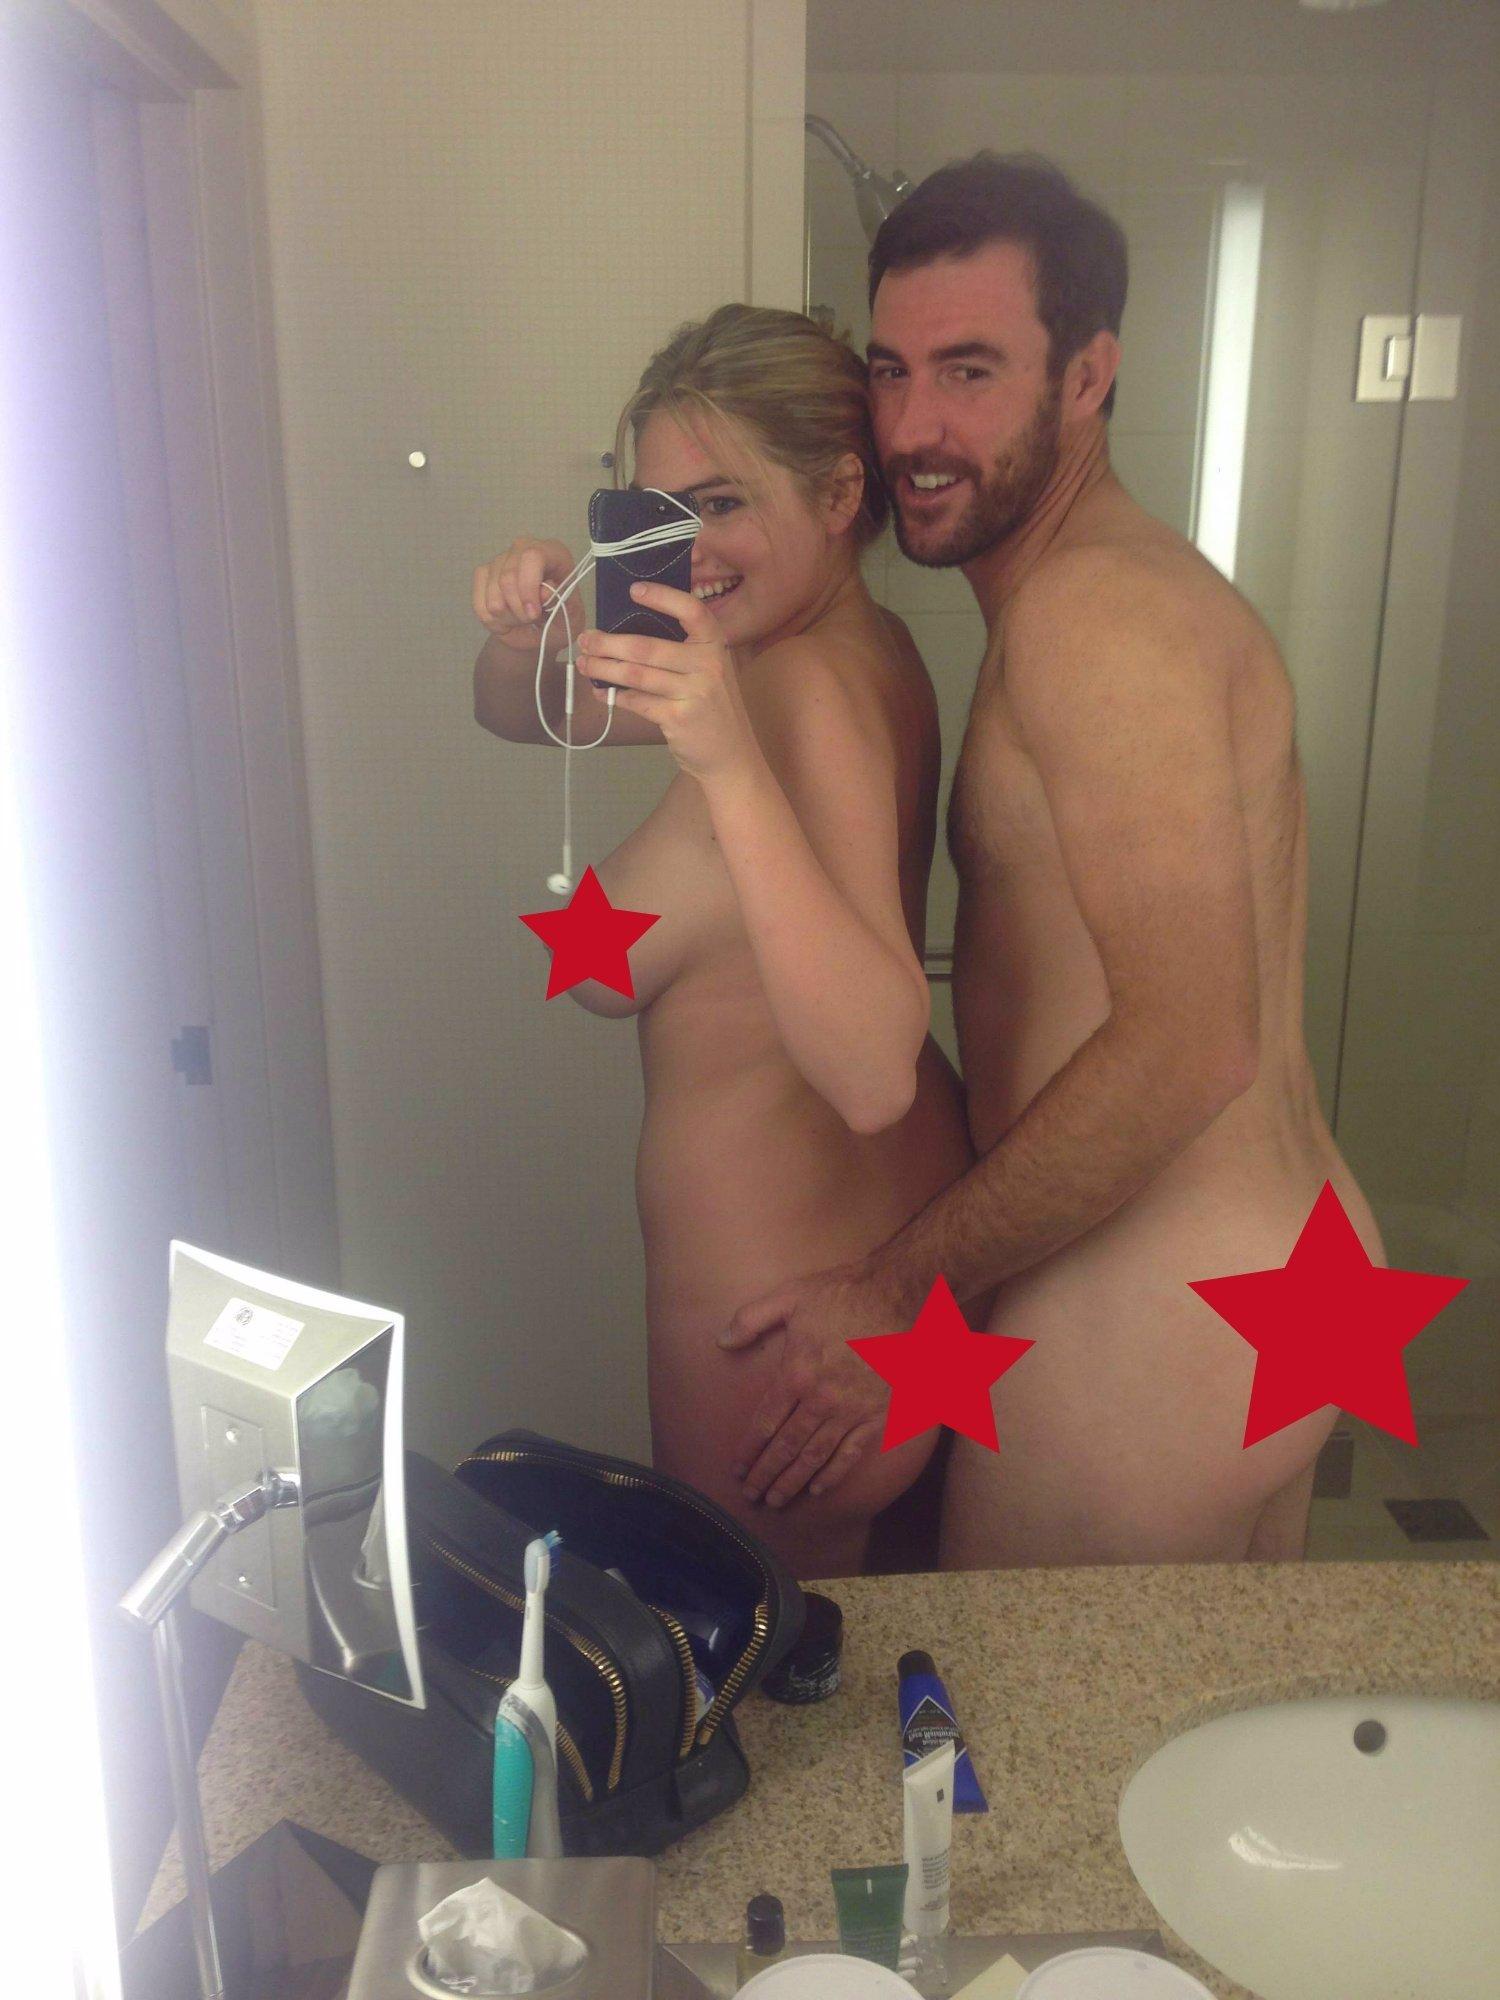 ZAKÁZANÉ FOTKY! Tyhle snímky Jennifer Lawrence nebo Kim Kardashian neměl nikdo vidět! Ukradli je ale hackeři. Podívejte se!